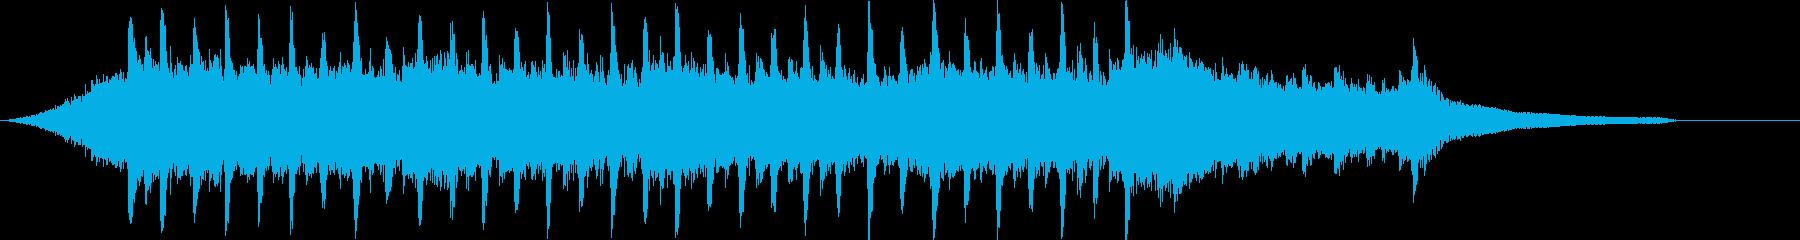 企業VP系51、爽やかピアノ4つ打ちcの再生済みの波形